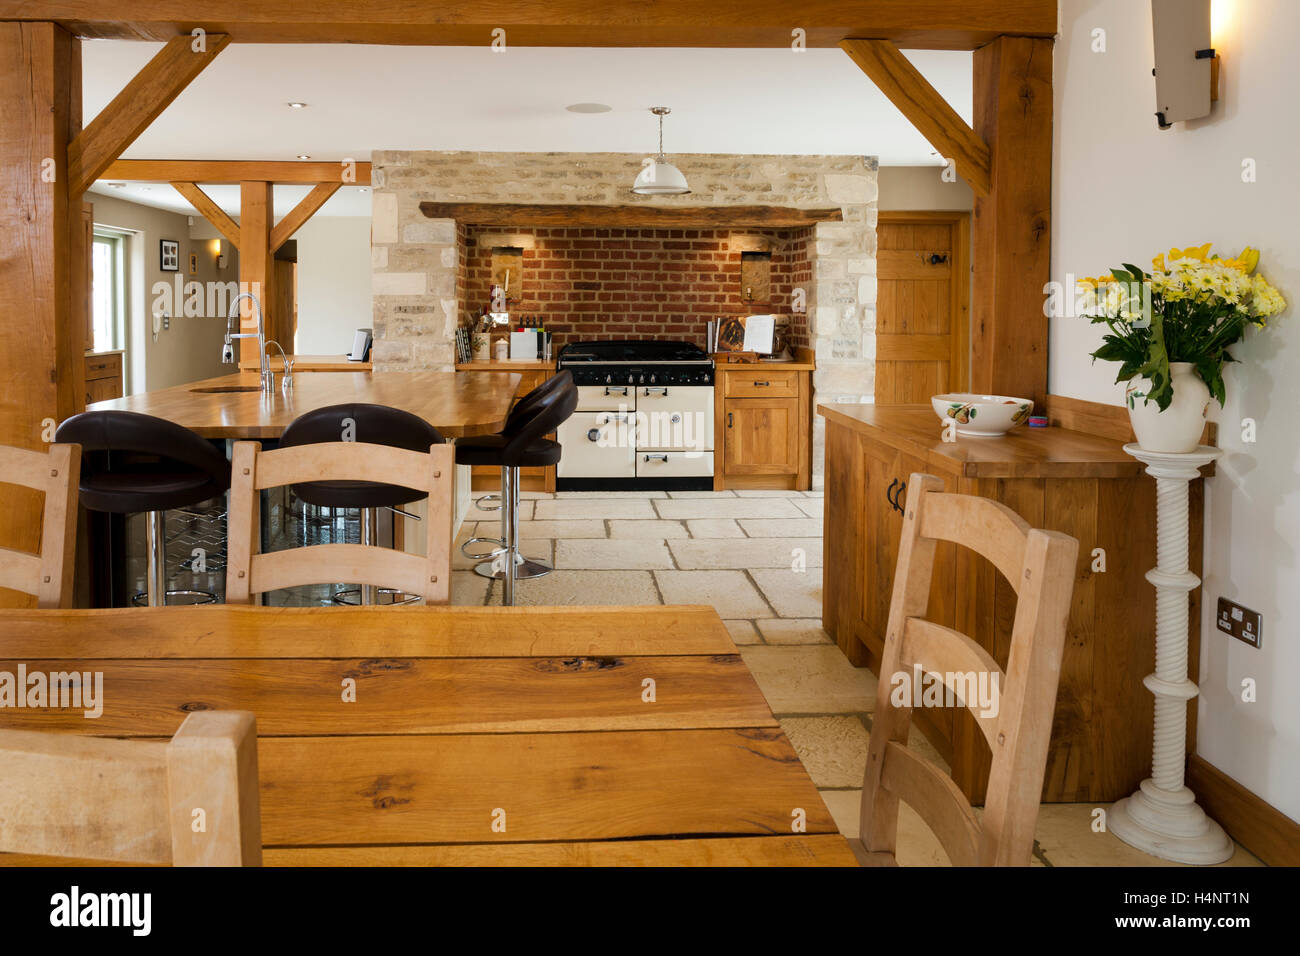 Ein Luxus gehobenen offenen Scheune Umbau Küche und Essbereich Raum ...